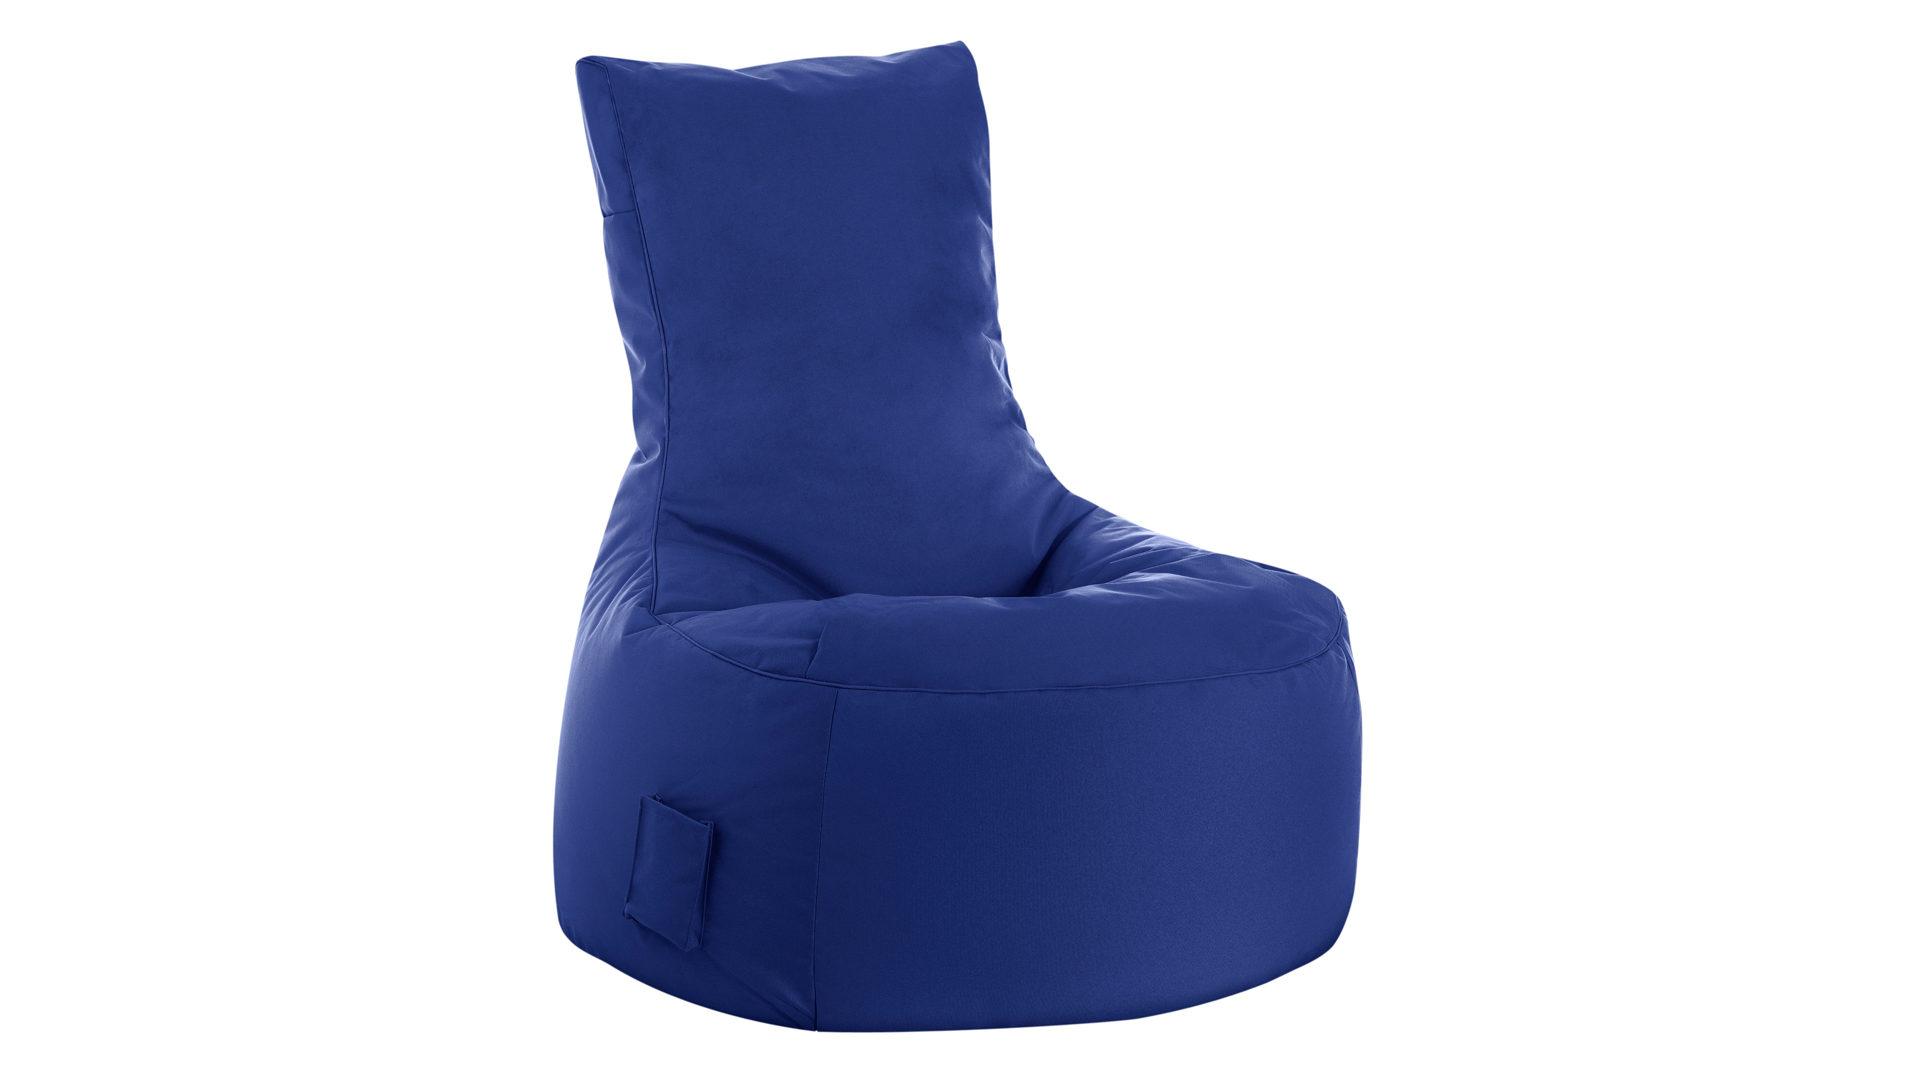 Trösser Sitzmöbel Sitzsäcke Sitting Sitting Point Sitzsack